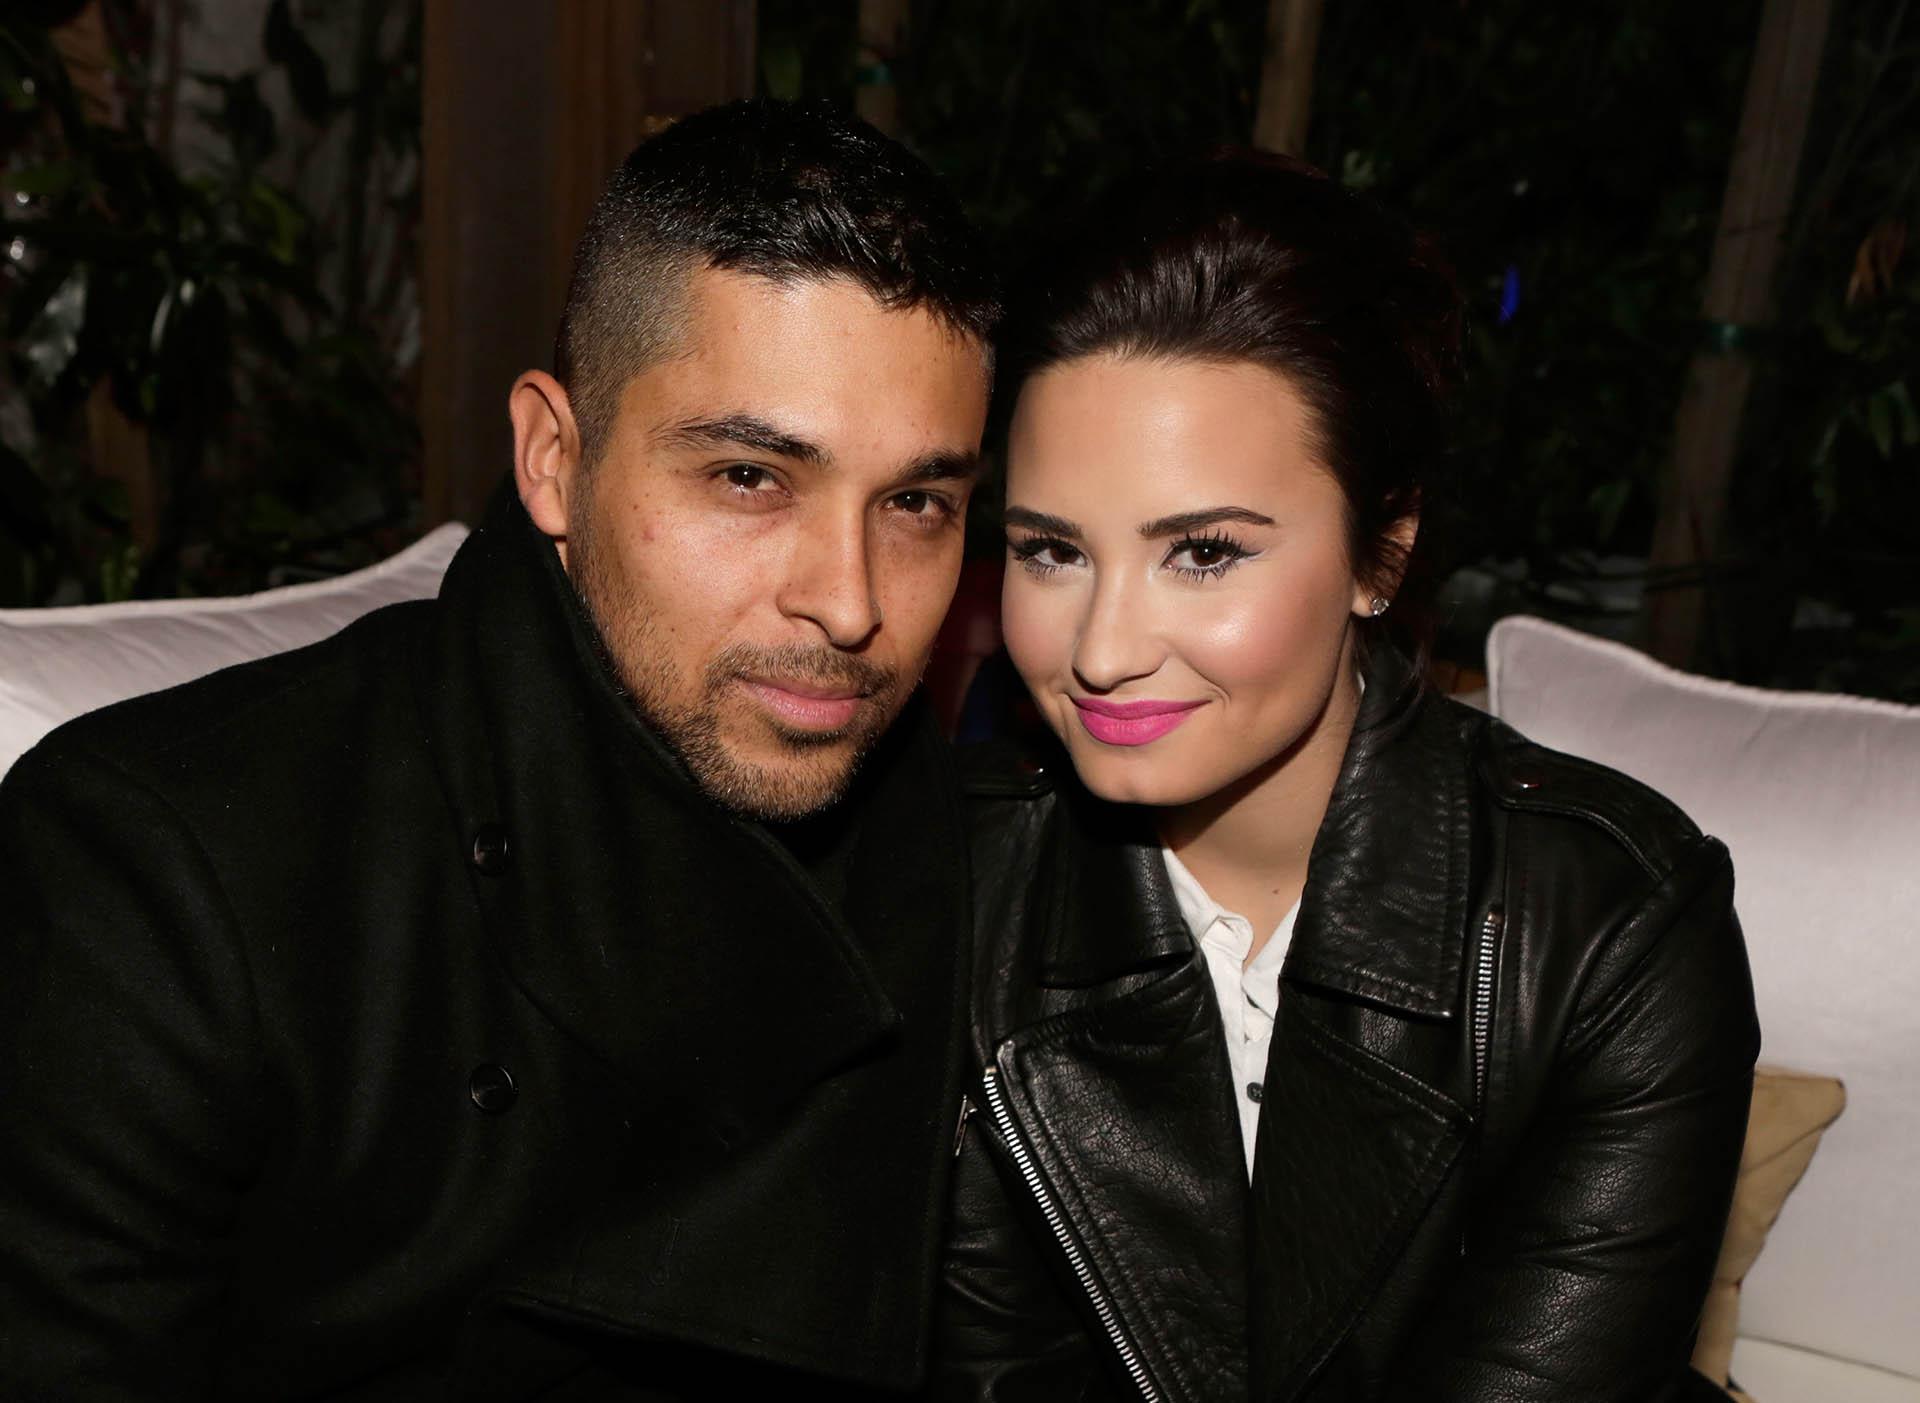 Demi Lovato y Wilmer Valderrama decidieron seguir caminos diferentes después de 6 años de relación. El anuncio de la separación lo hizo la cantante a través de su cuenta de Twitter.